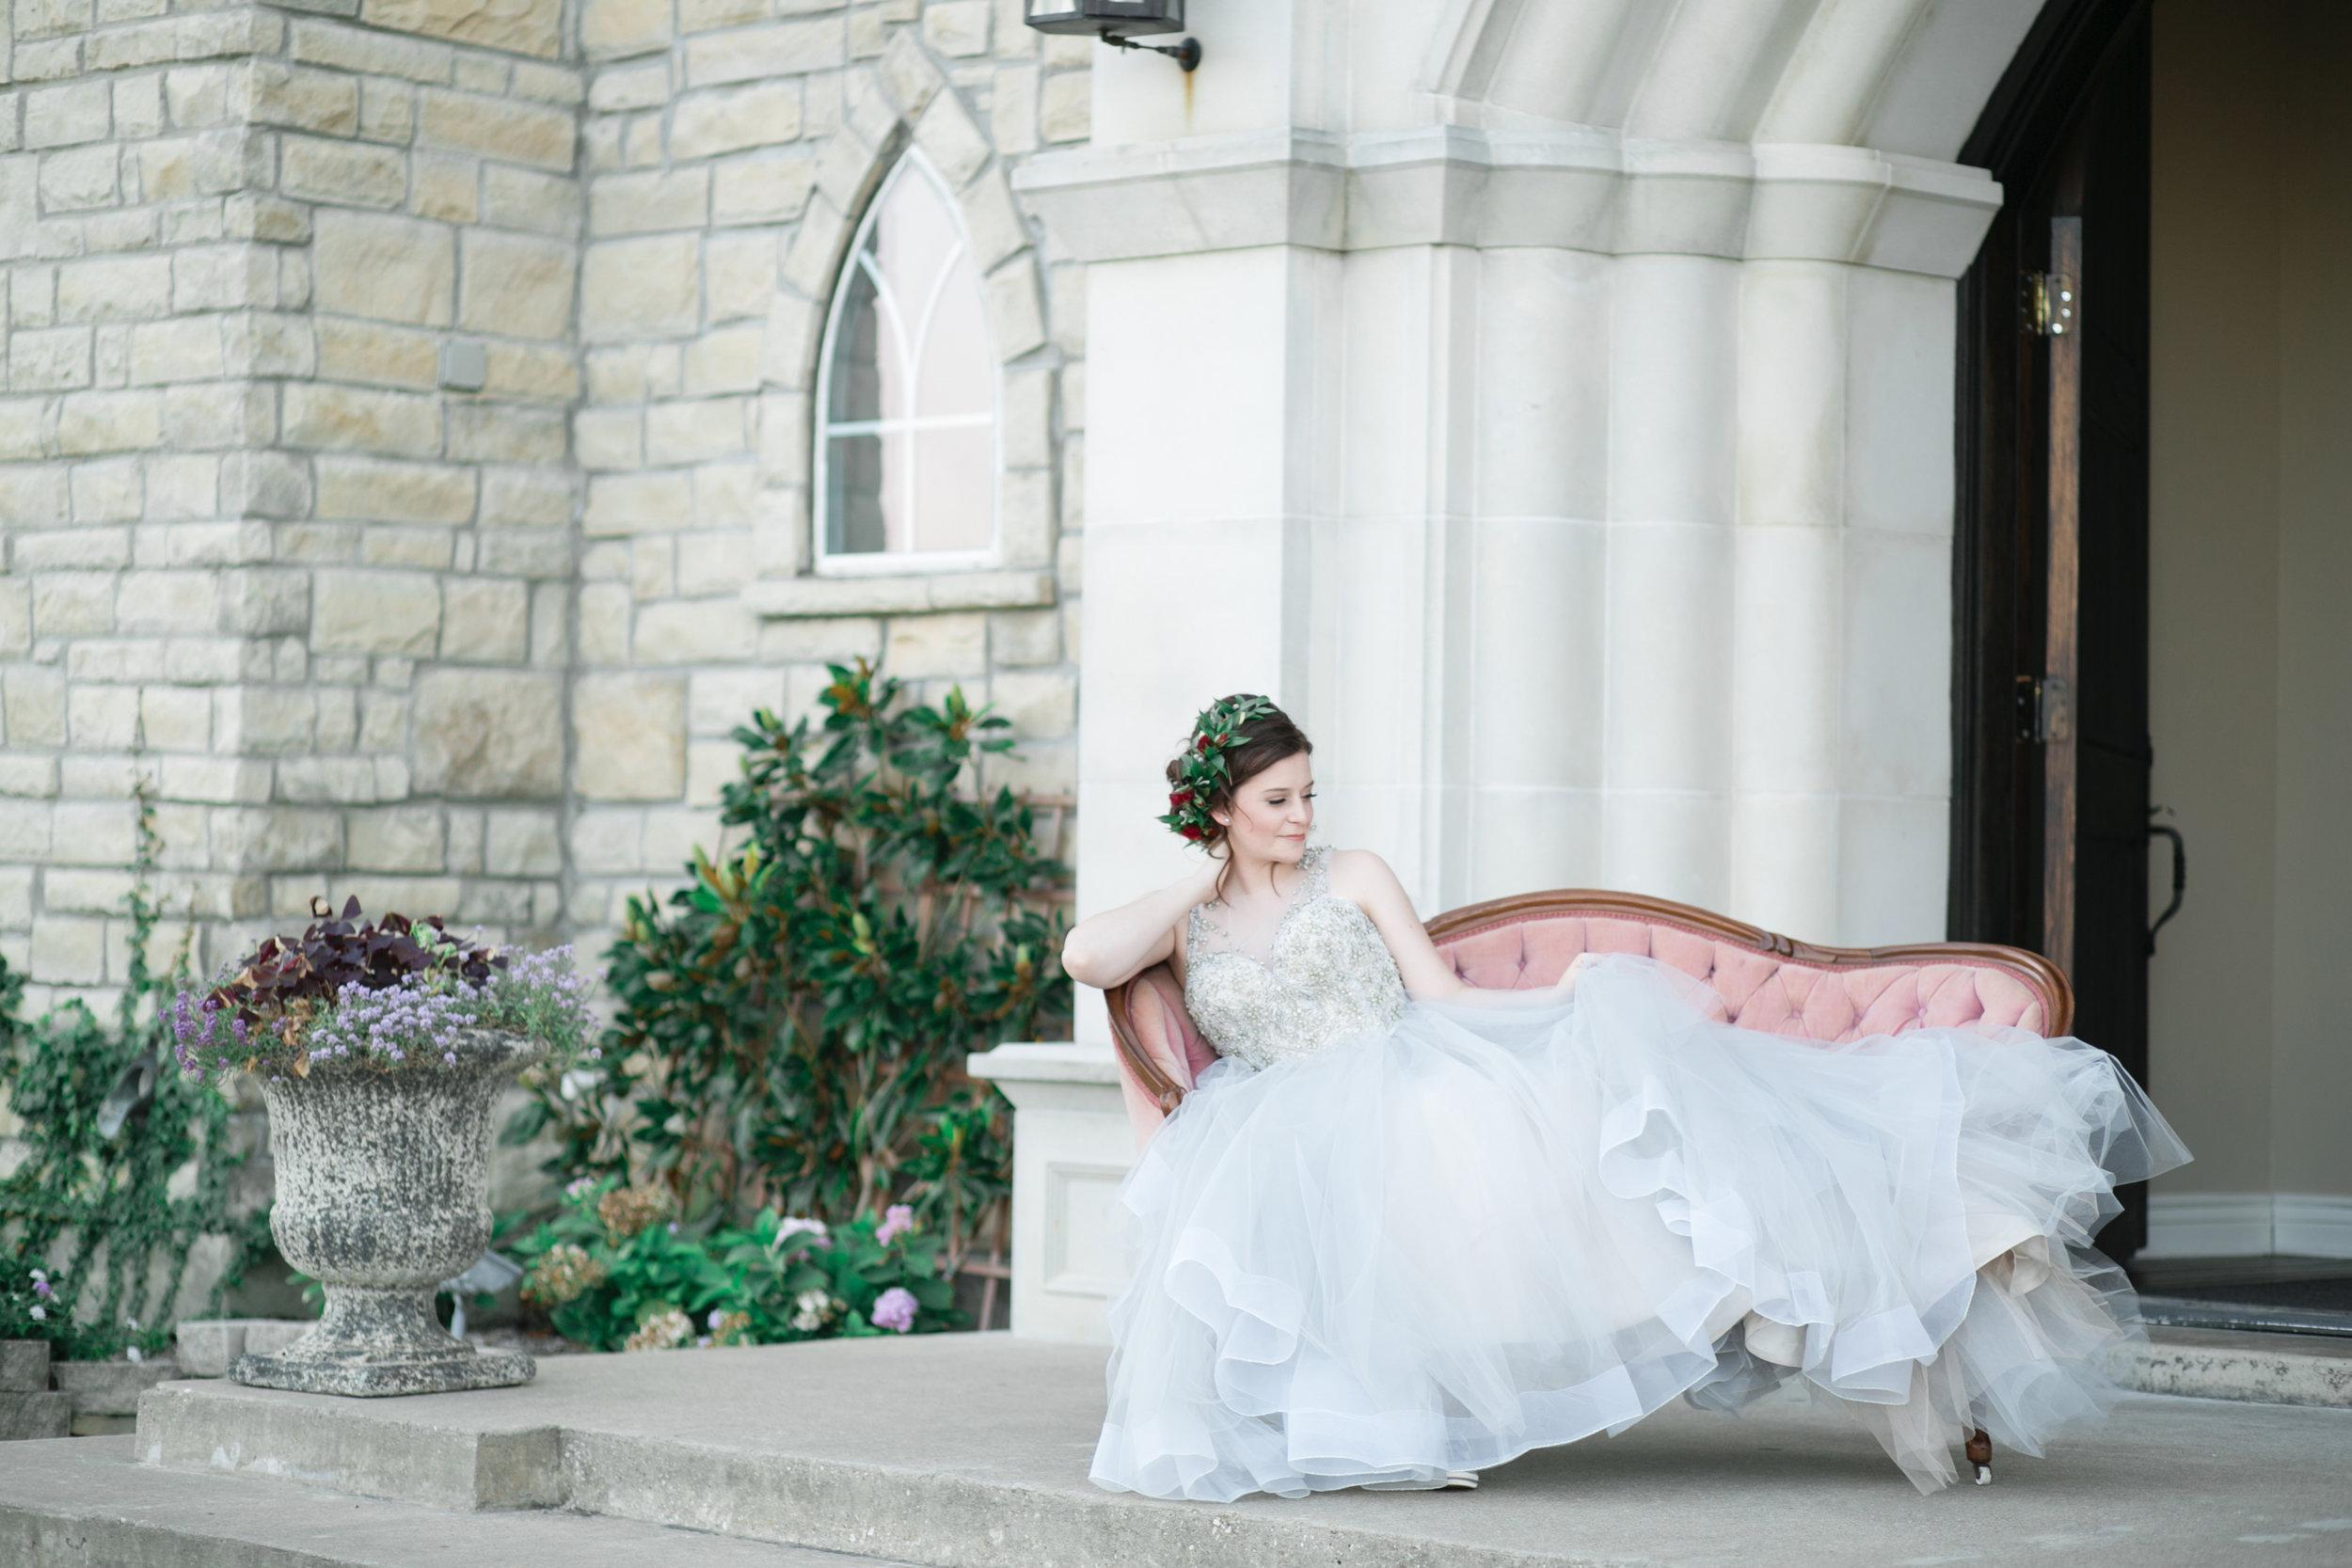 AnnaMarie-bridal-17.JPG